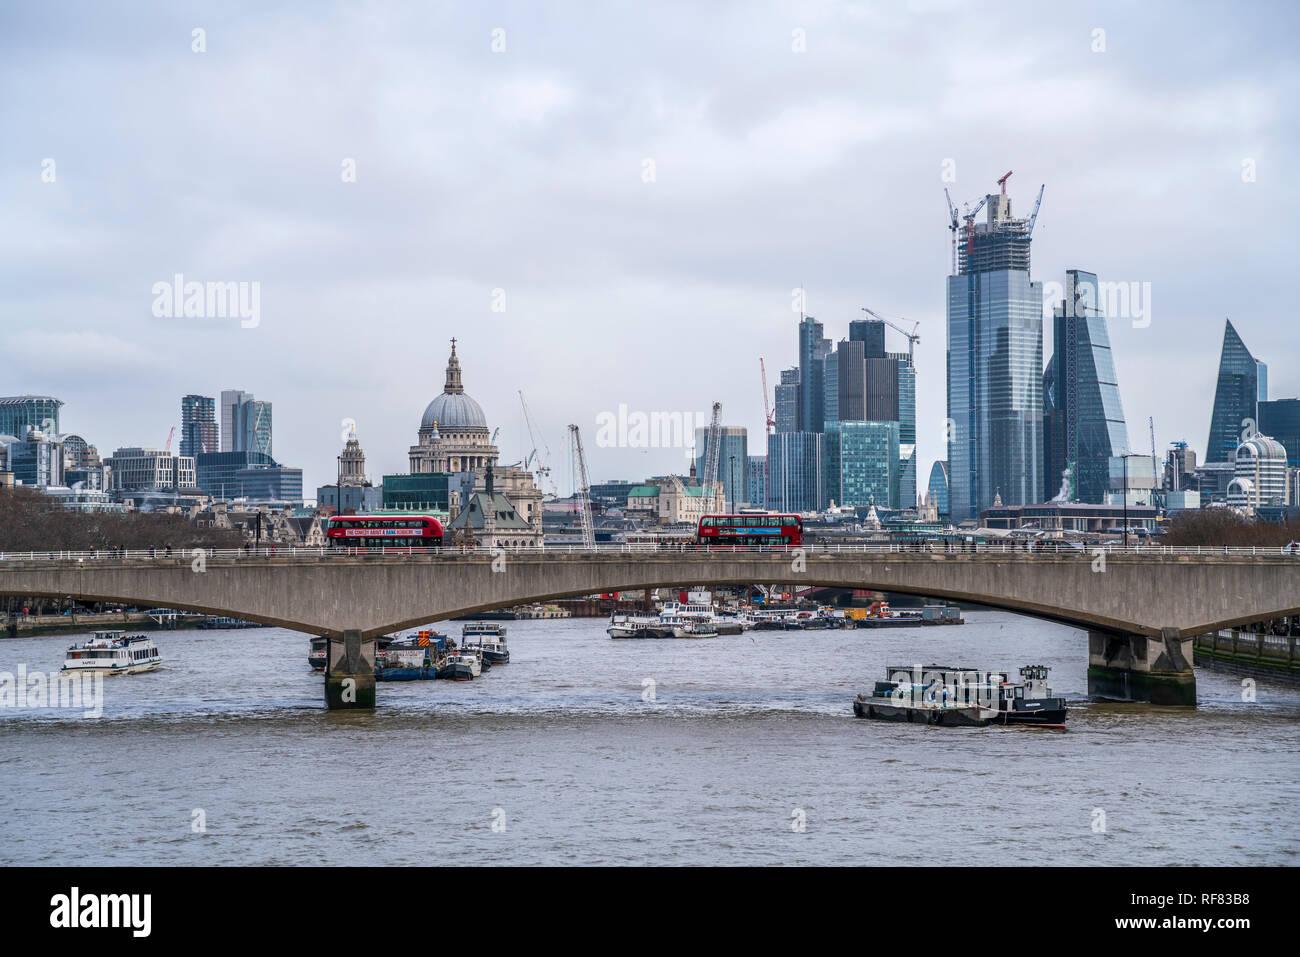 London Skyline und die Themse, Vereinigtes Königreich Großbritannien, Europa |  Skyline with Thames, London, Great Britain - Stock Image